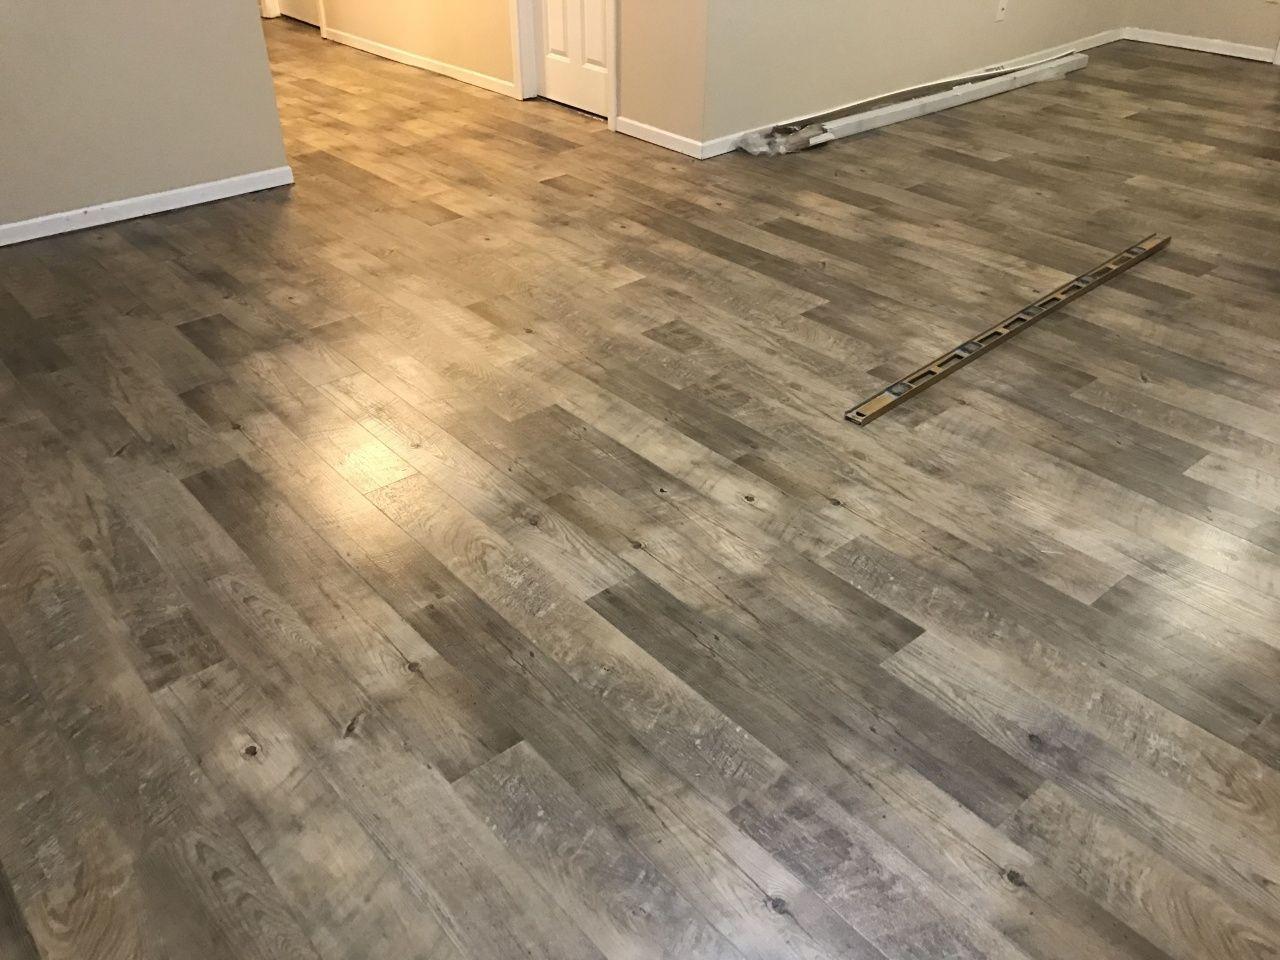 Average Cost To Install Vinyl Plank Flooring In 2020 Waterproof Vinyl Plank Flooring Installing Vinyl Plank Flooring Vinyl Plank Flooring